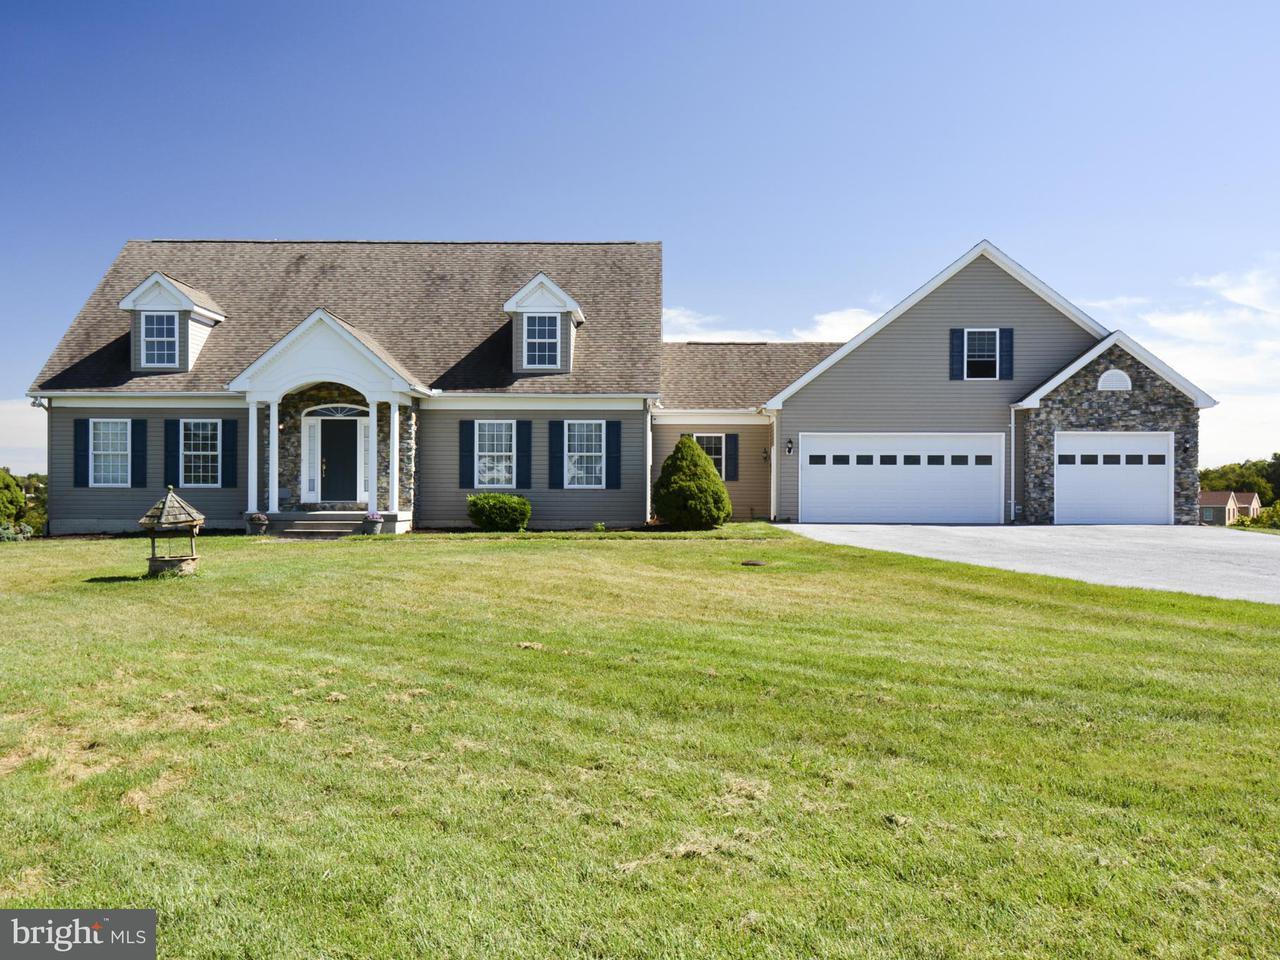 Частный односемейный дом для того Продажа на 3755 MAPLECREST Drive 3755 MAPLECREST Drive Knoxville, Мэриленд 21758 Соединенные Штаты